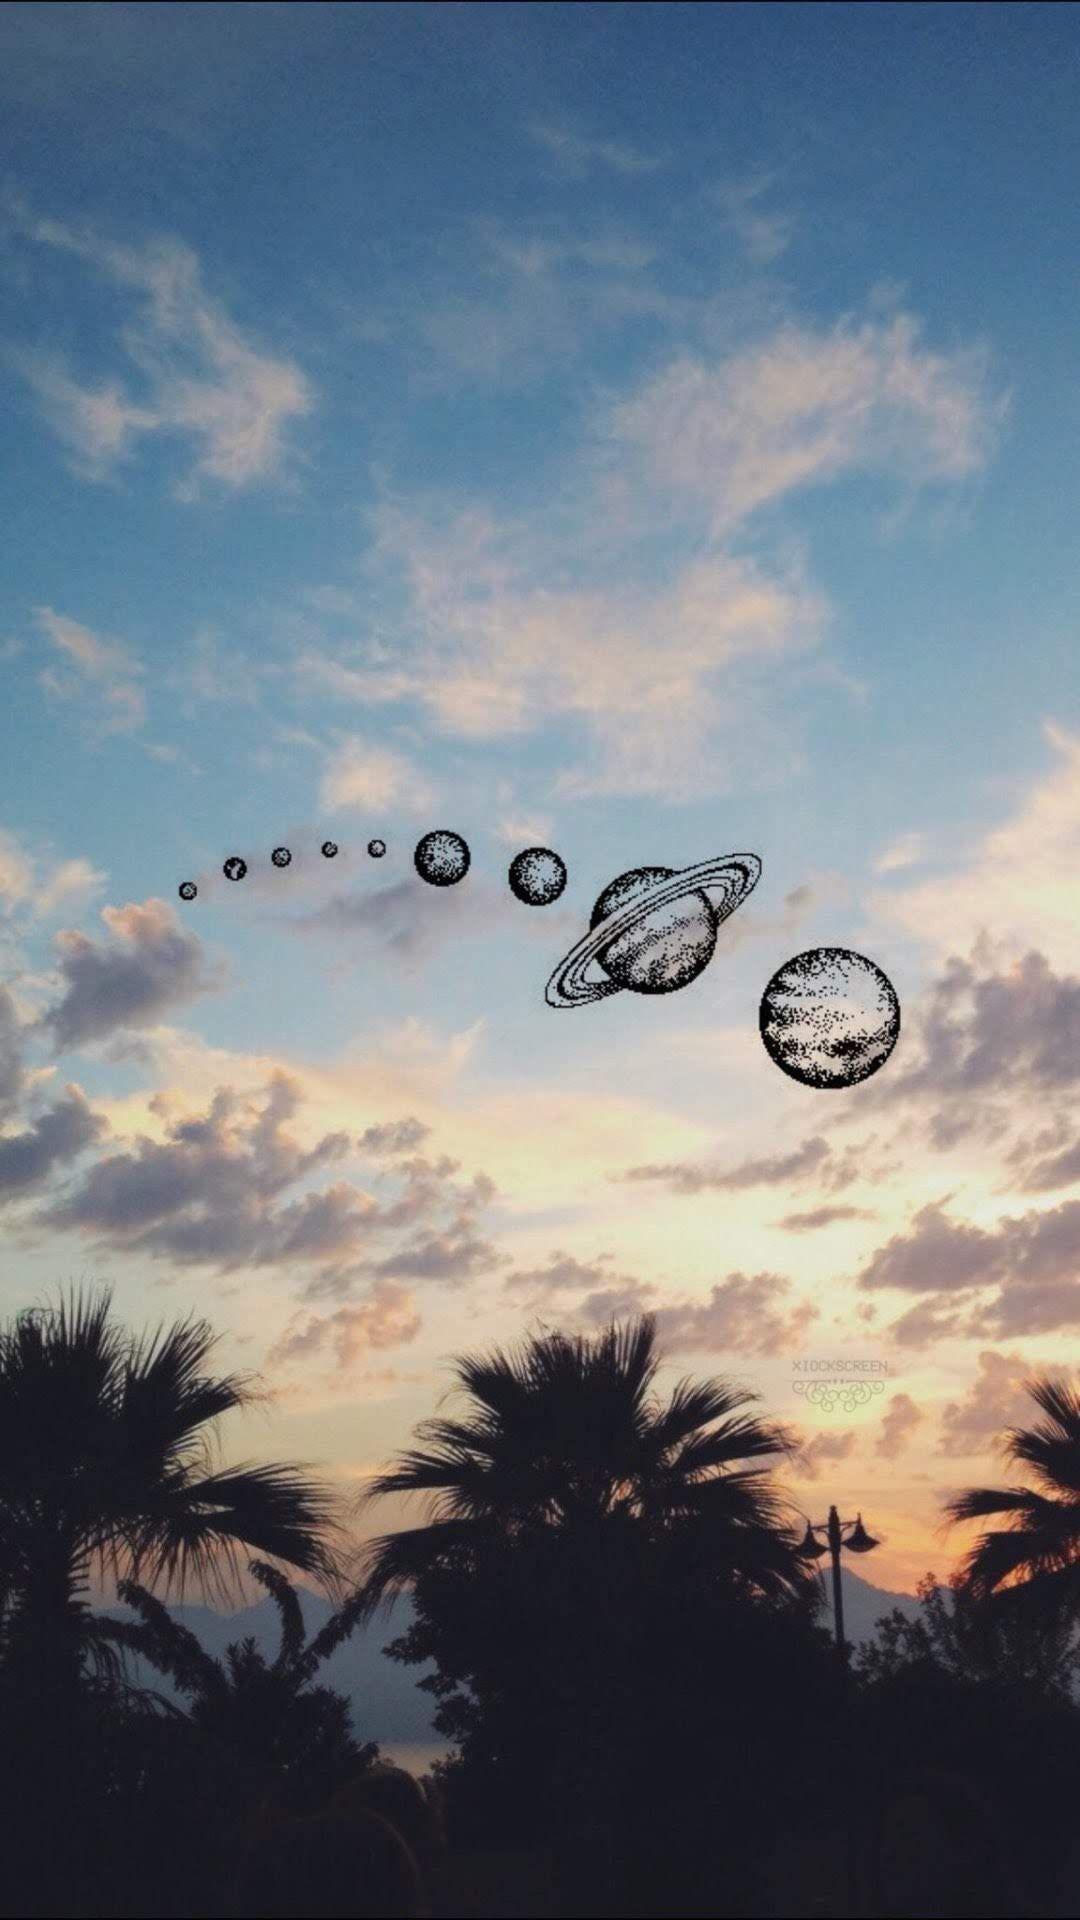 sky #disneyphonebackgrounds